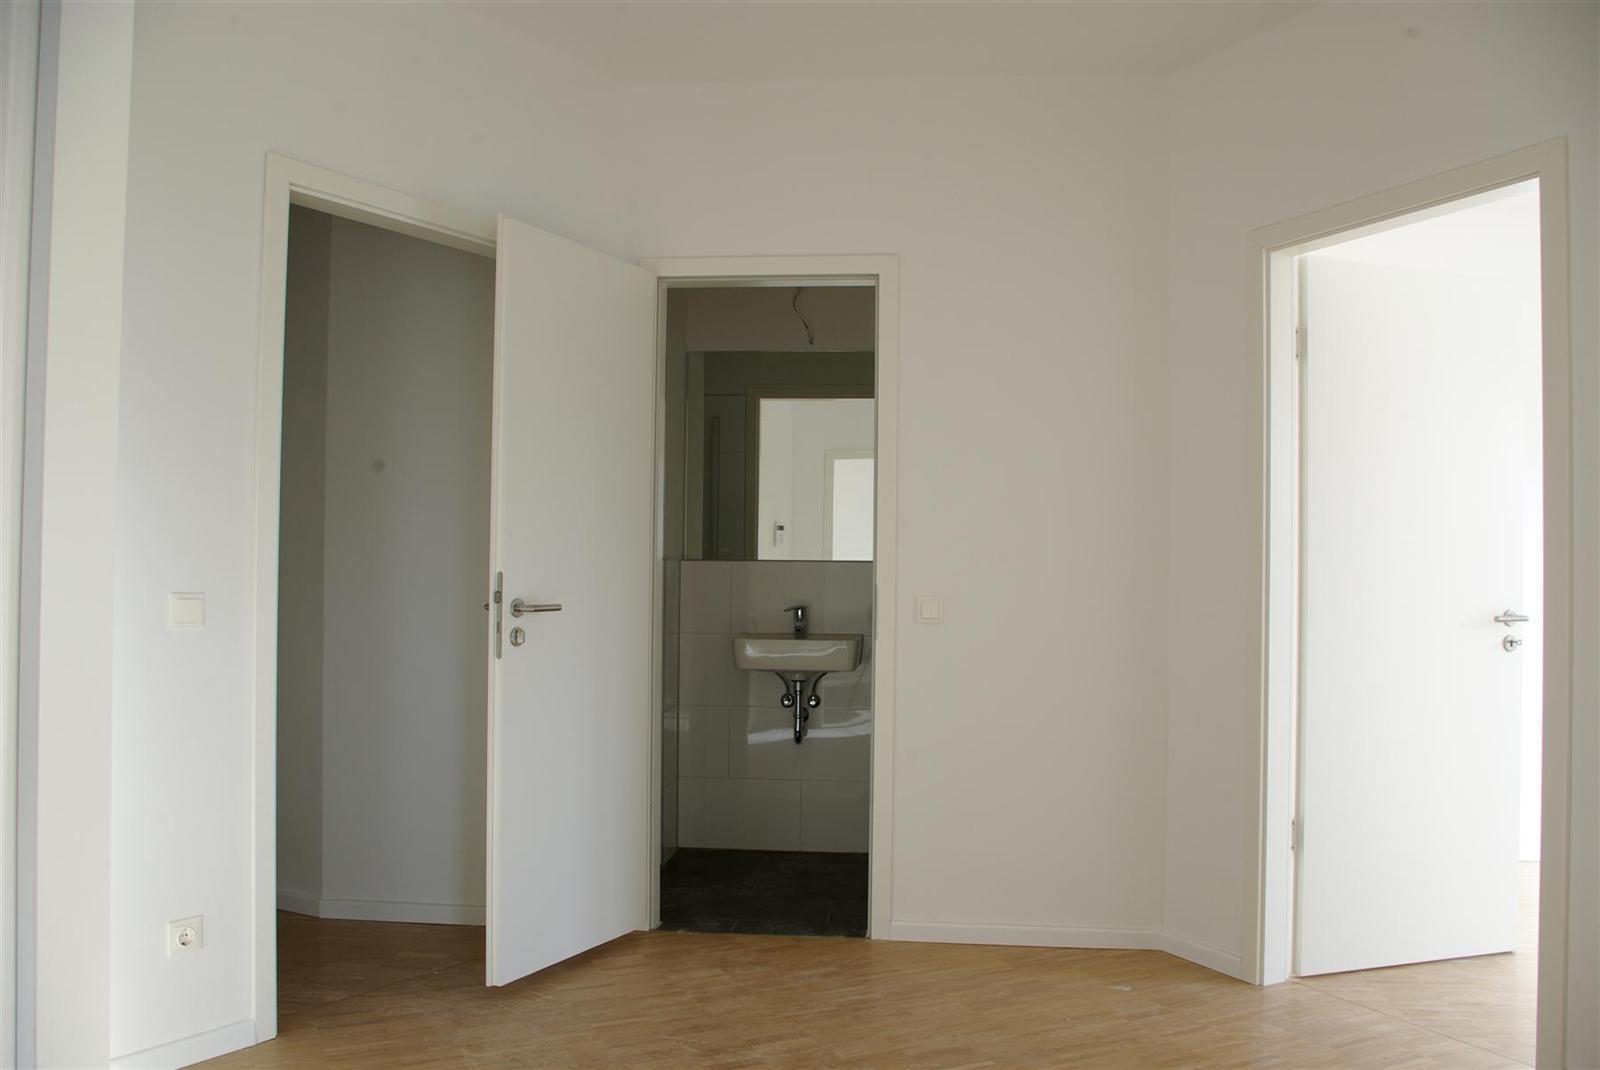 allod ihre hausverwaltung immobilienverwaltung in berlin potsdam und umgebung. Black Bedroom Furniture Sets. Home Design Ideas